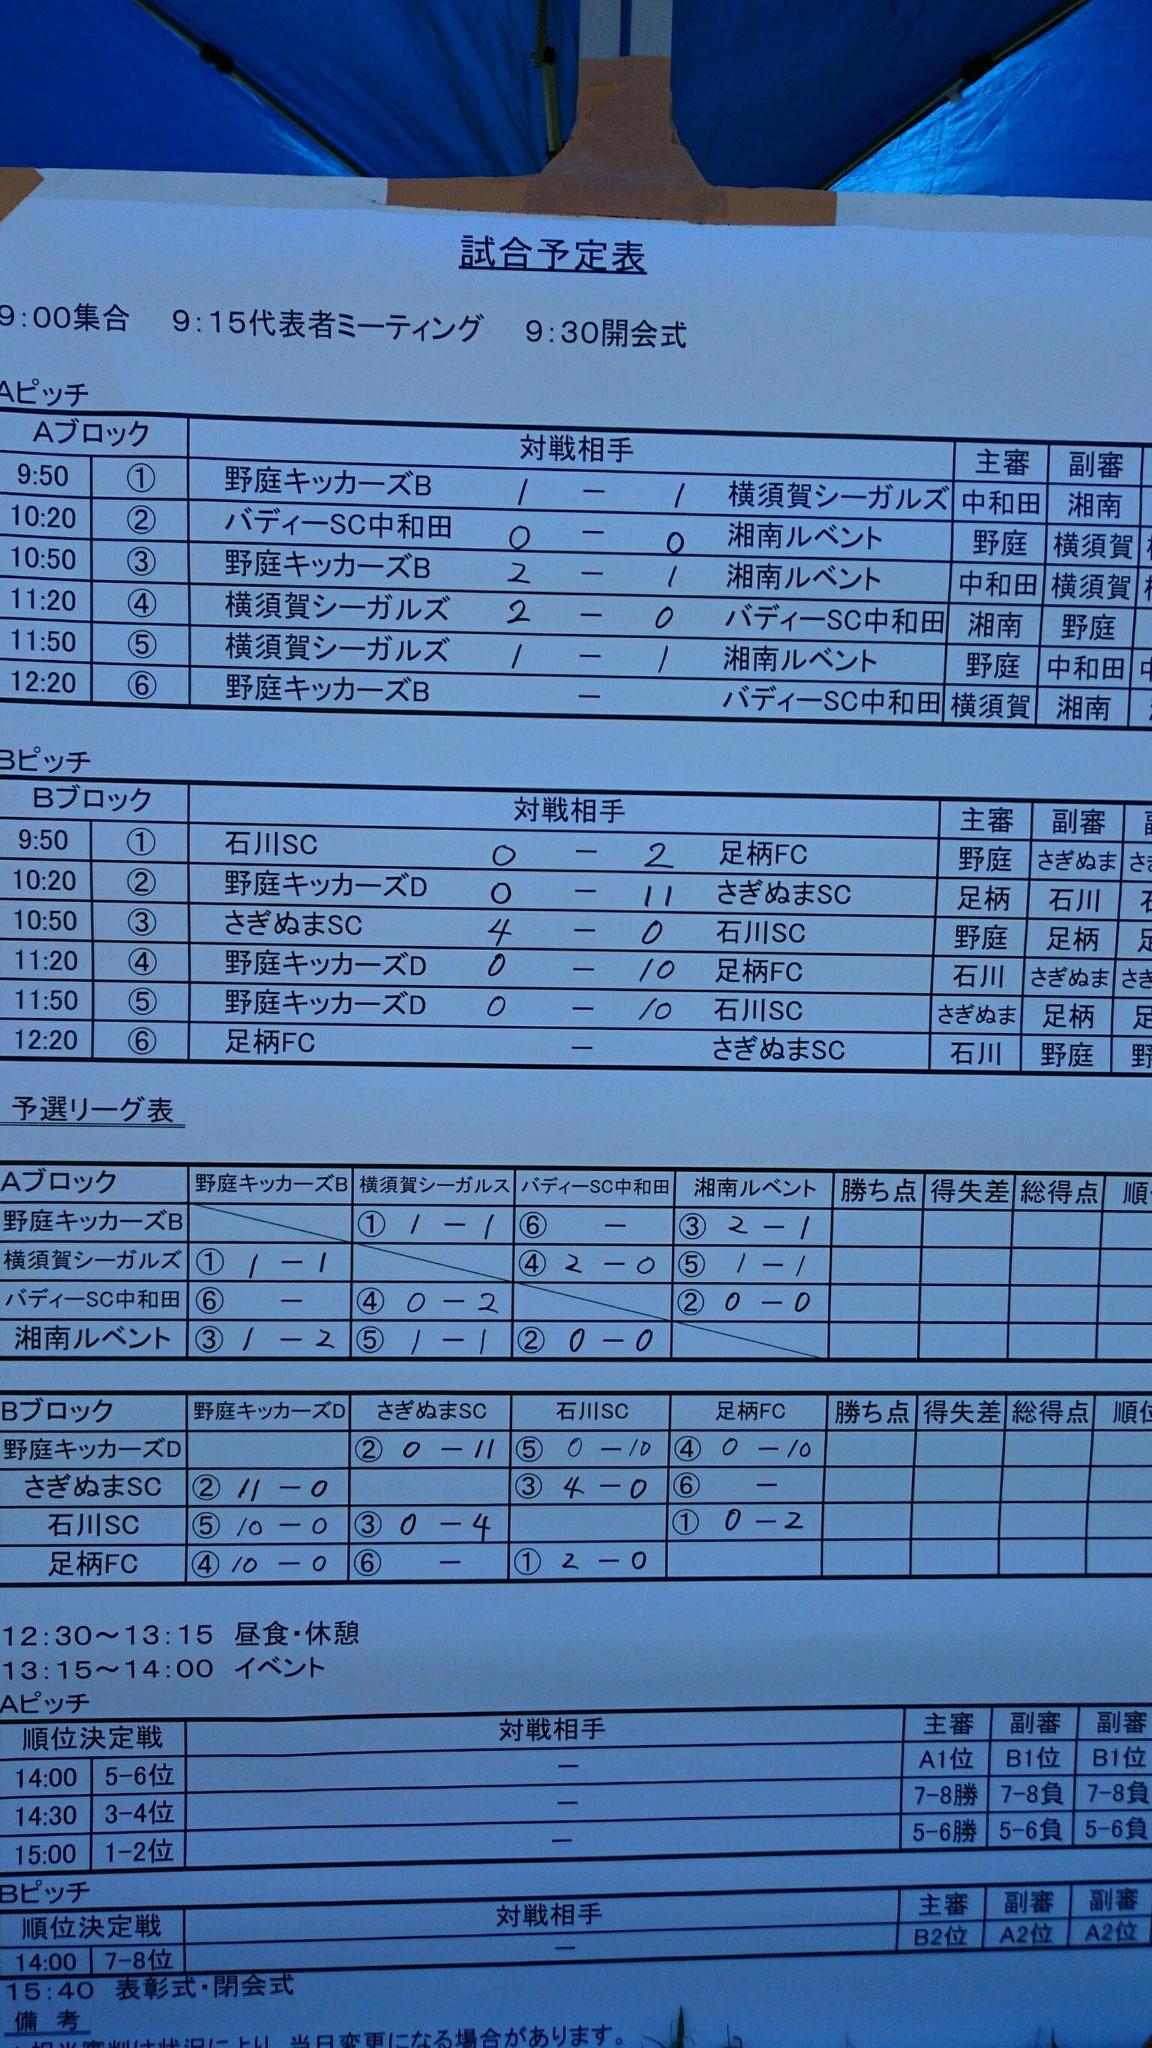 7/30 U-8 野庭カップ